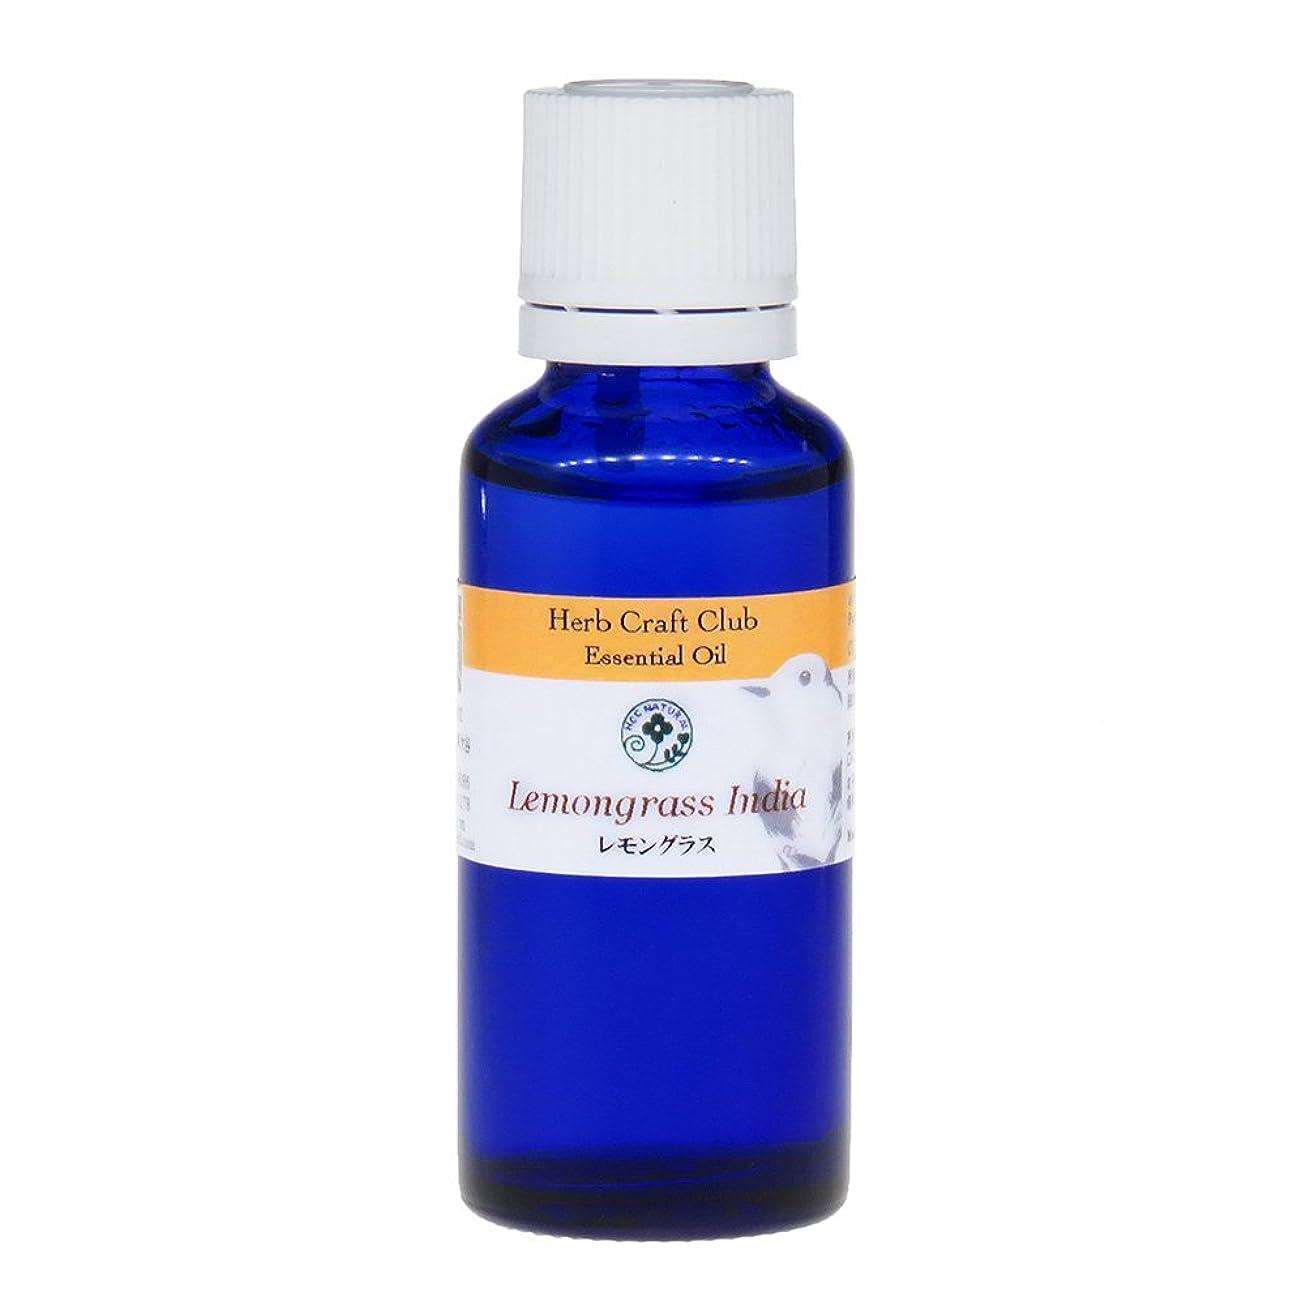 アウトドアカンガルーレーダーレモングラス30ml 100%天然エッセンシャルオイル